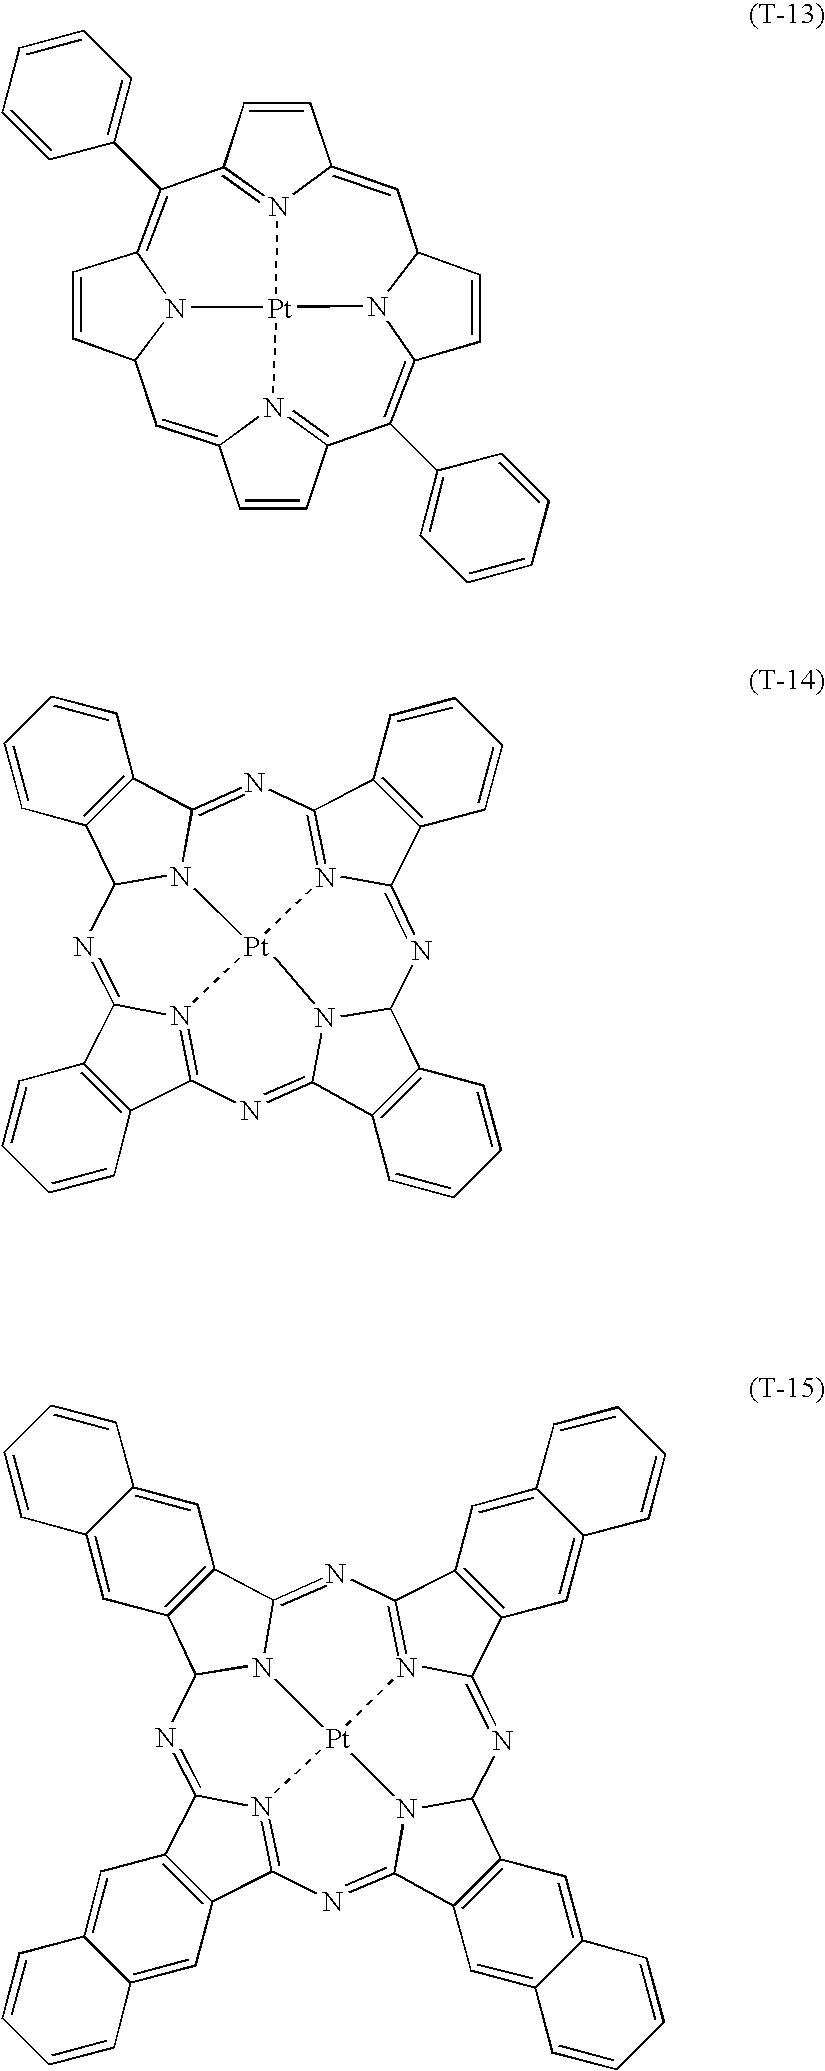 Figure US20060186796A1-20060824-C00085